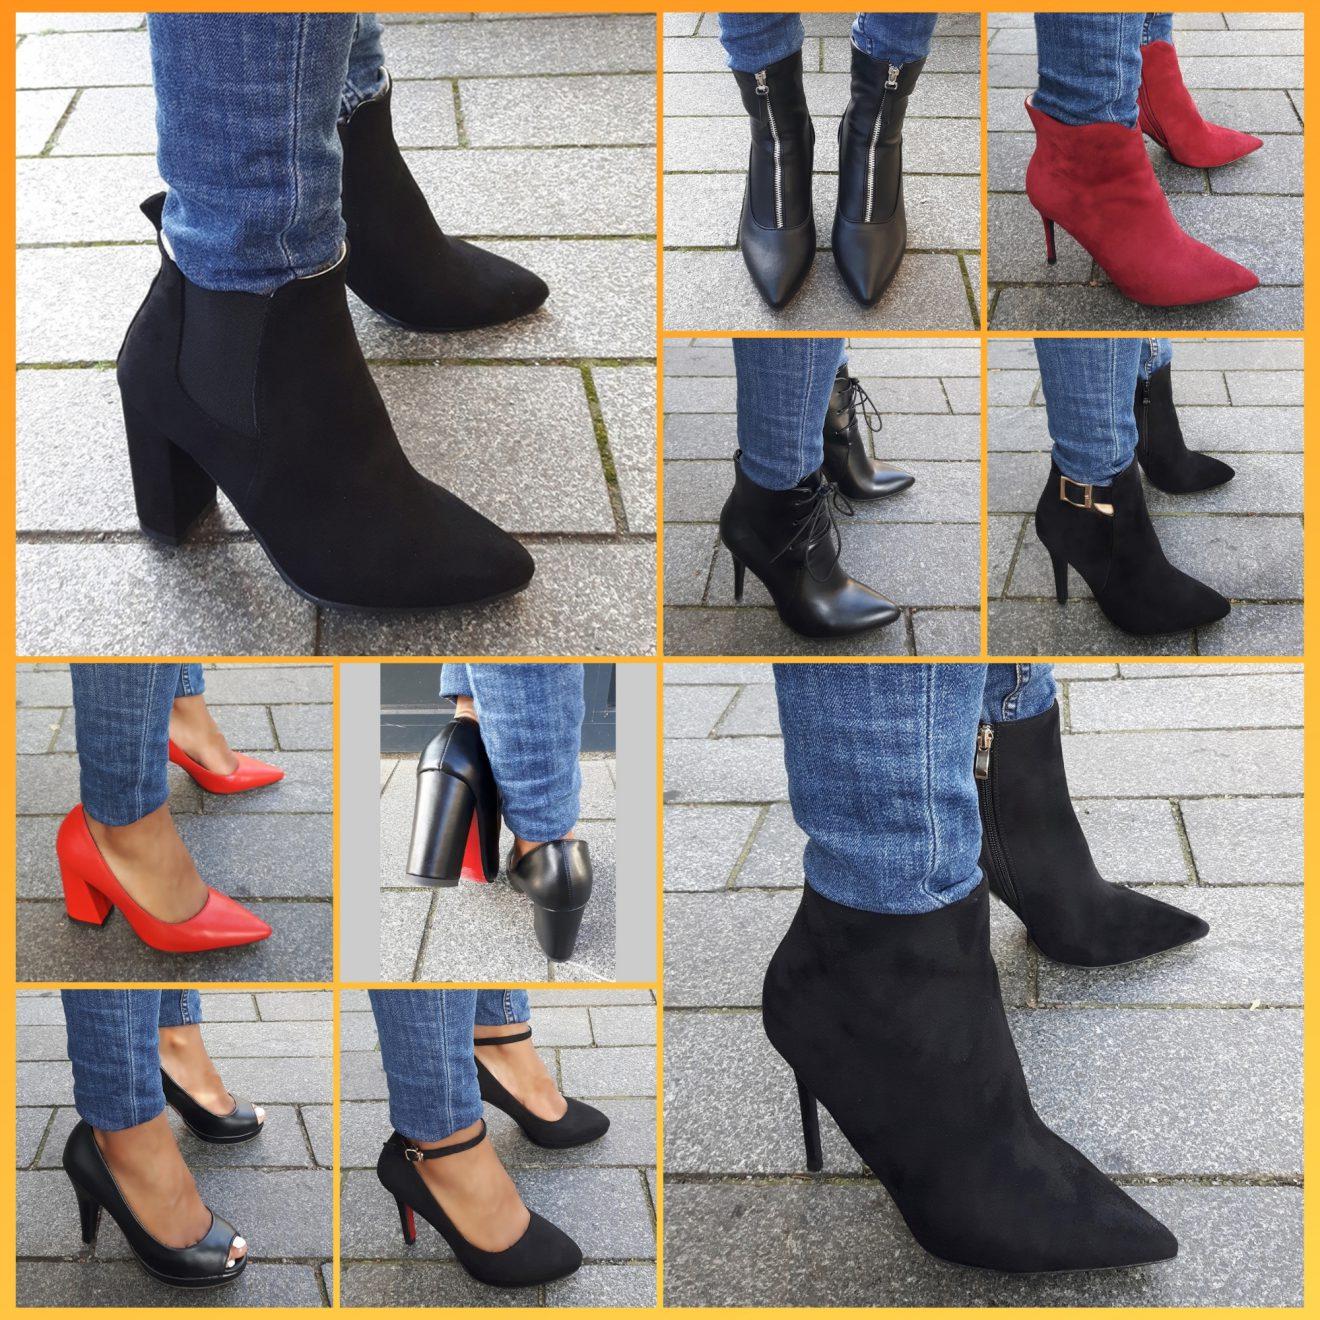 Nieuwe modellen kleine maat damesschoenen maat 30 31 32 33 34 35